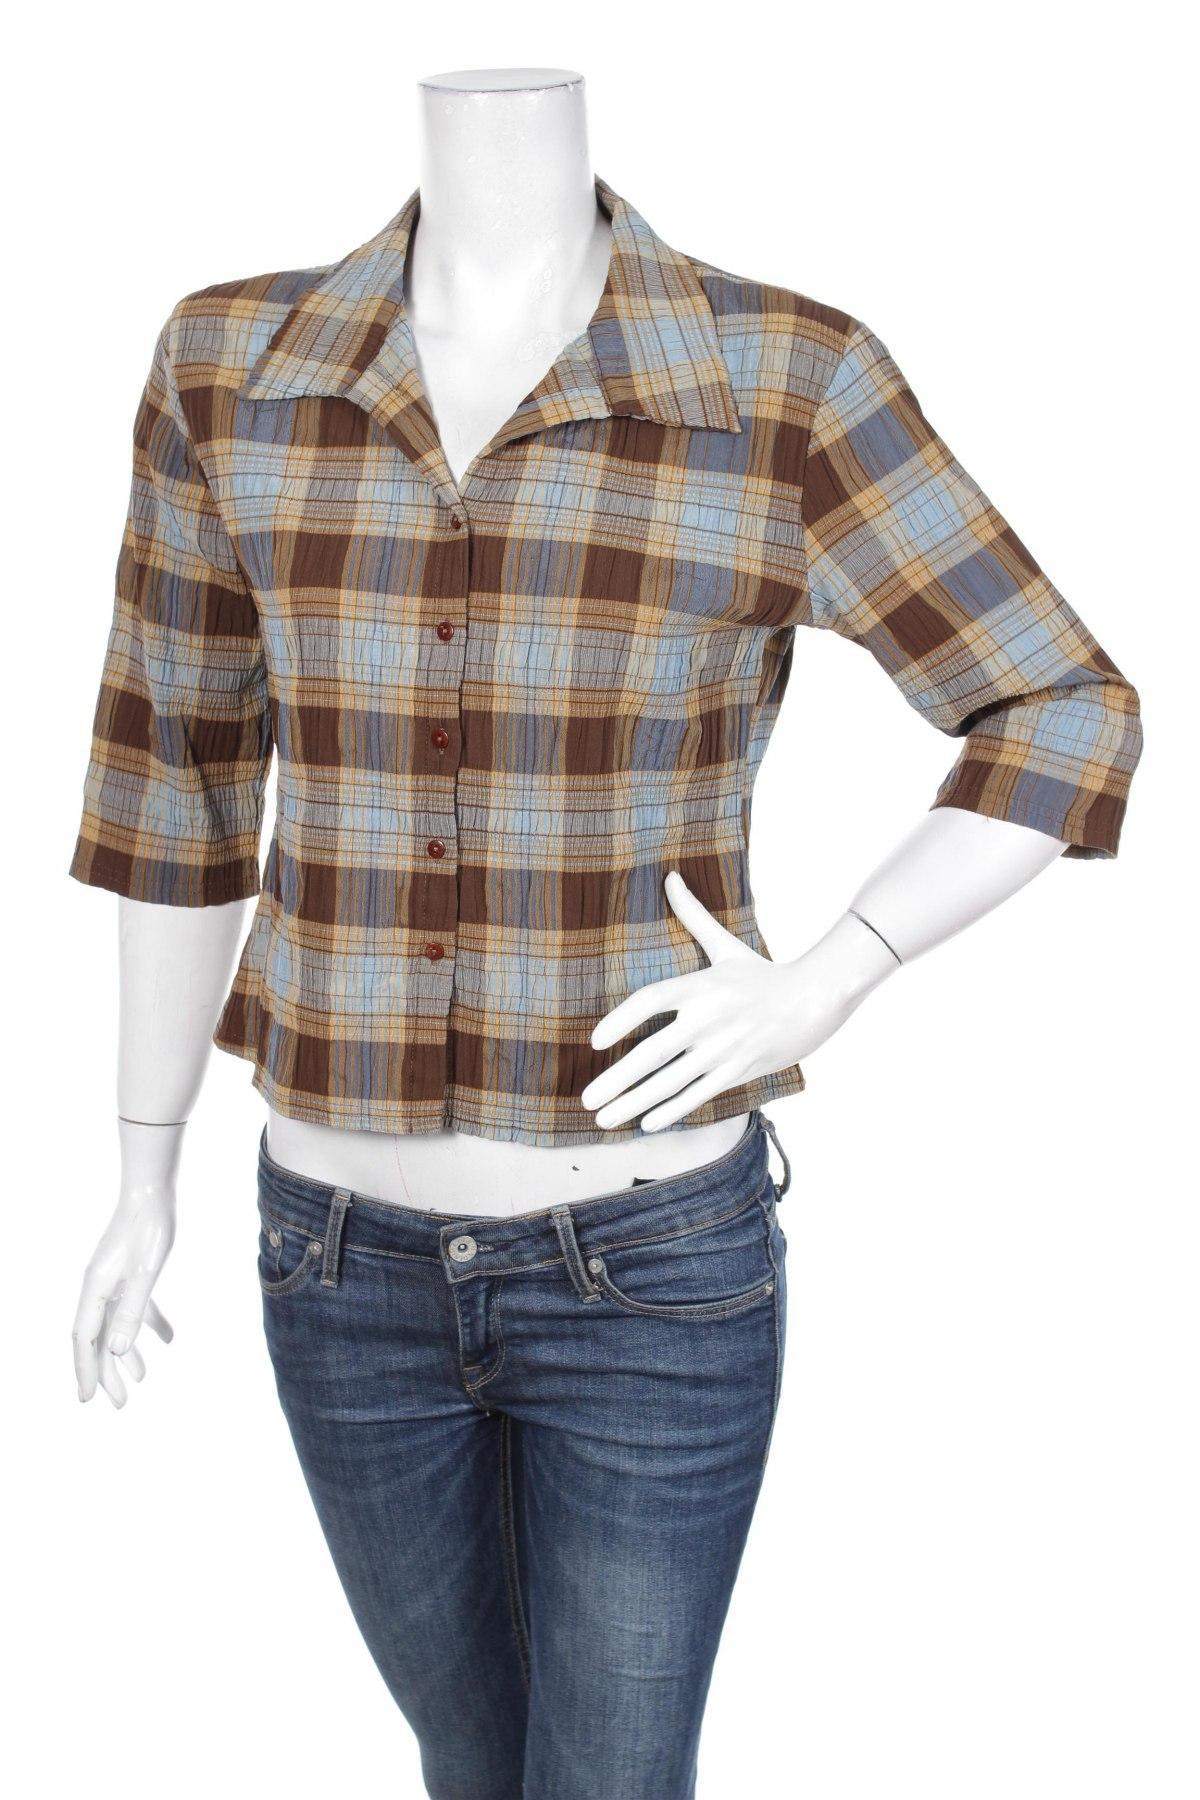 Γυναικείο πουκάμισο Orsay, Μέγεθος XL, Χρώμα Πολύχρωμο, 36% πολυαμίδη, 29% πολυεστέρας, 20% βαμβάκι, 14% βισκόζη, 1% ελαστάνη, Τιμή 12,99€